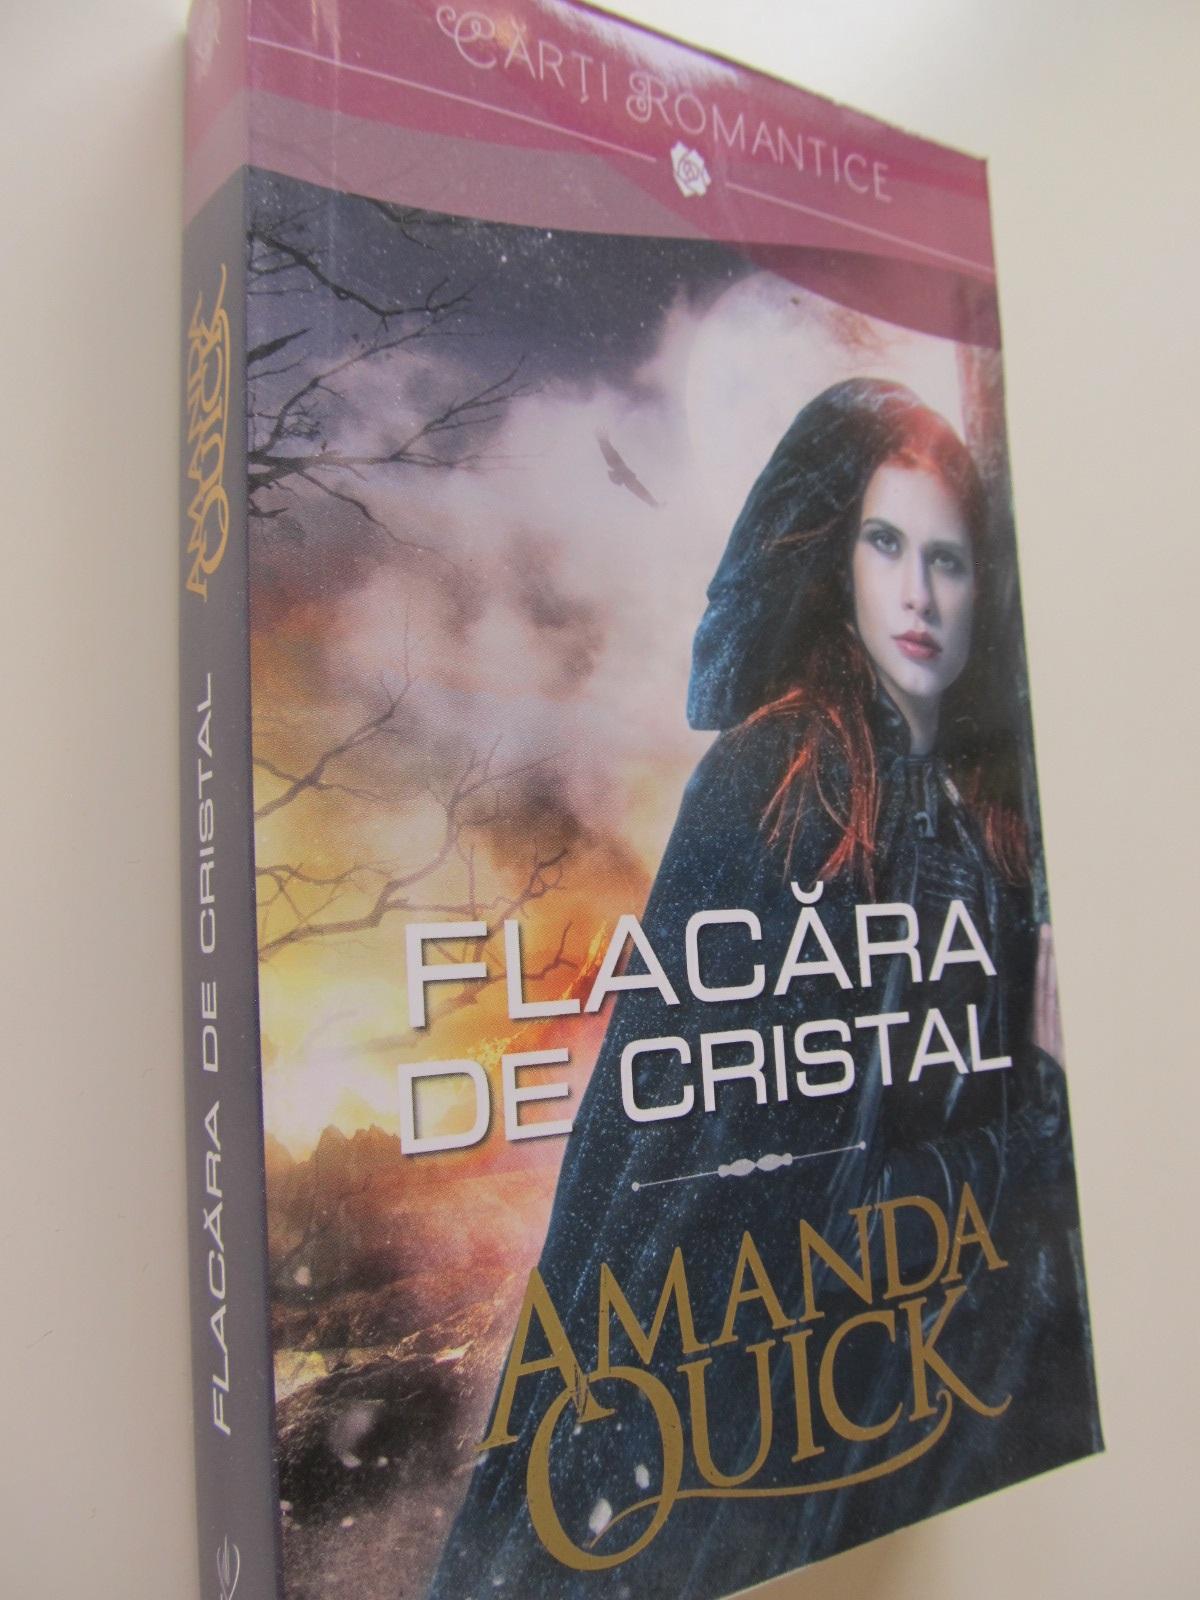 Flacara de cristal - Amanda Quick | Detalii carte